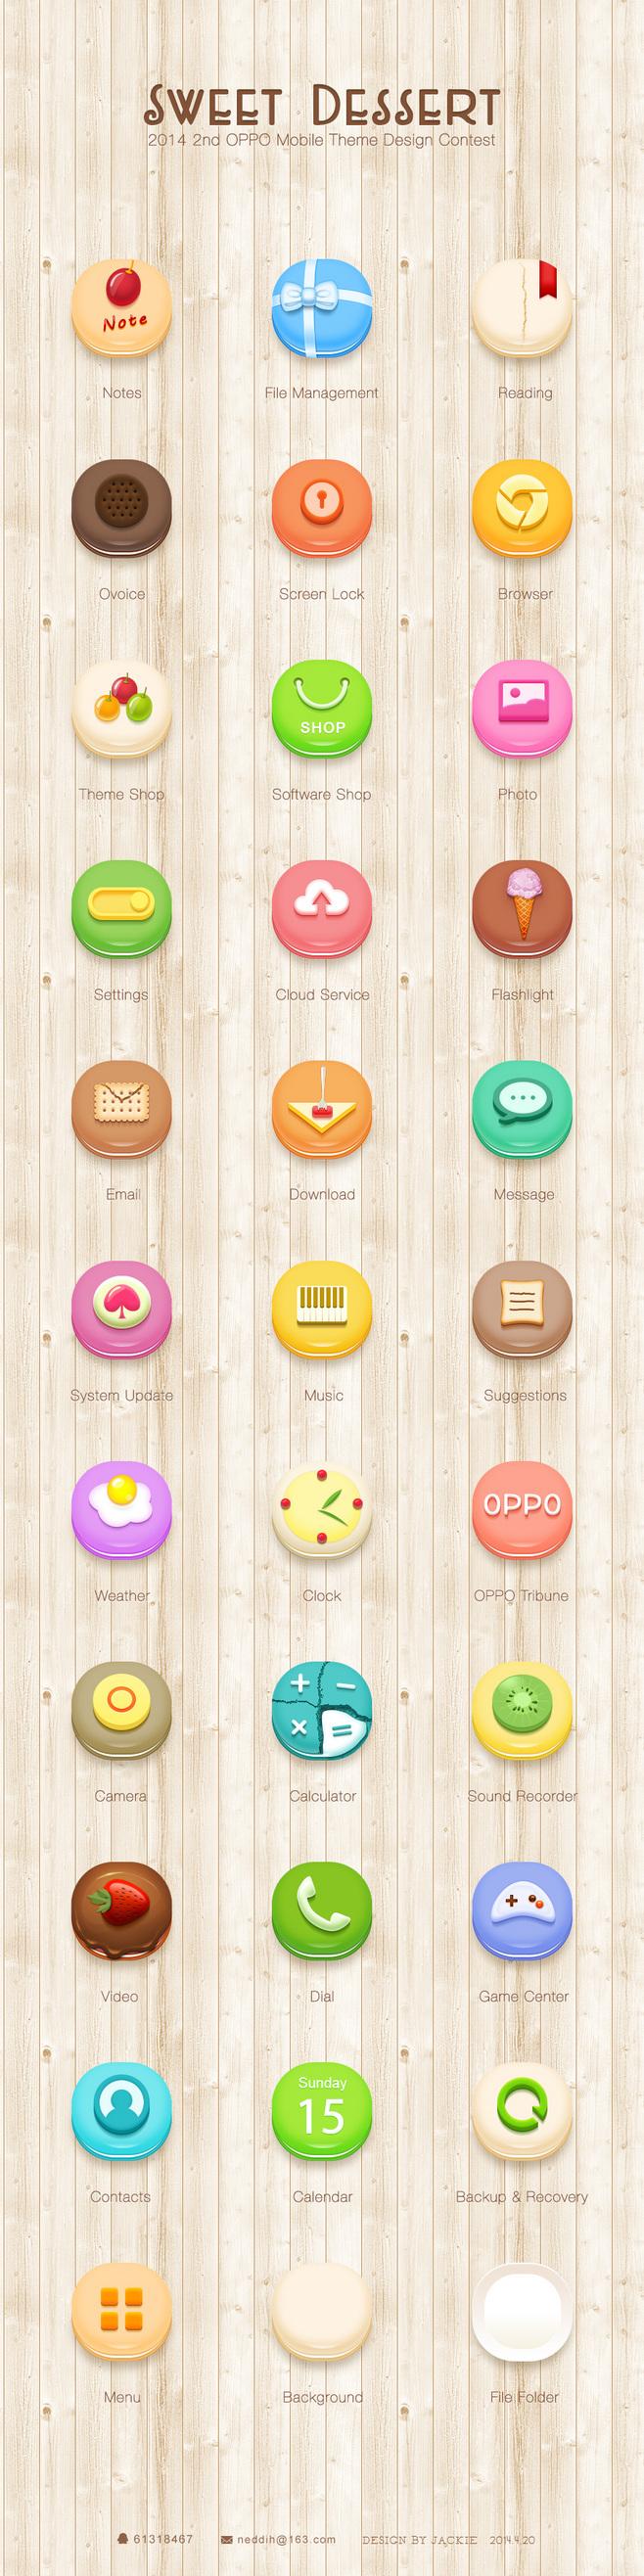 手机app主题图标设计欣赏